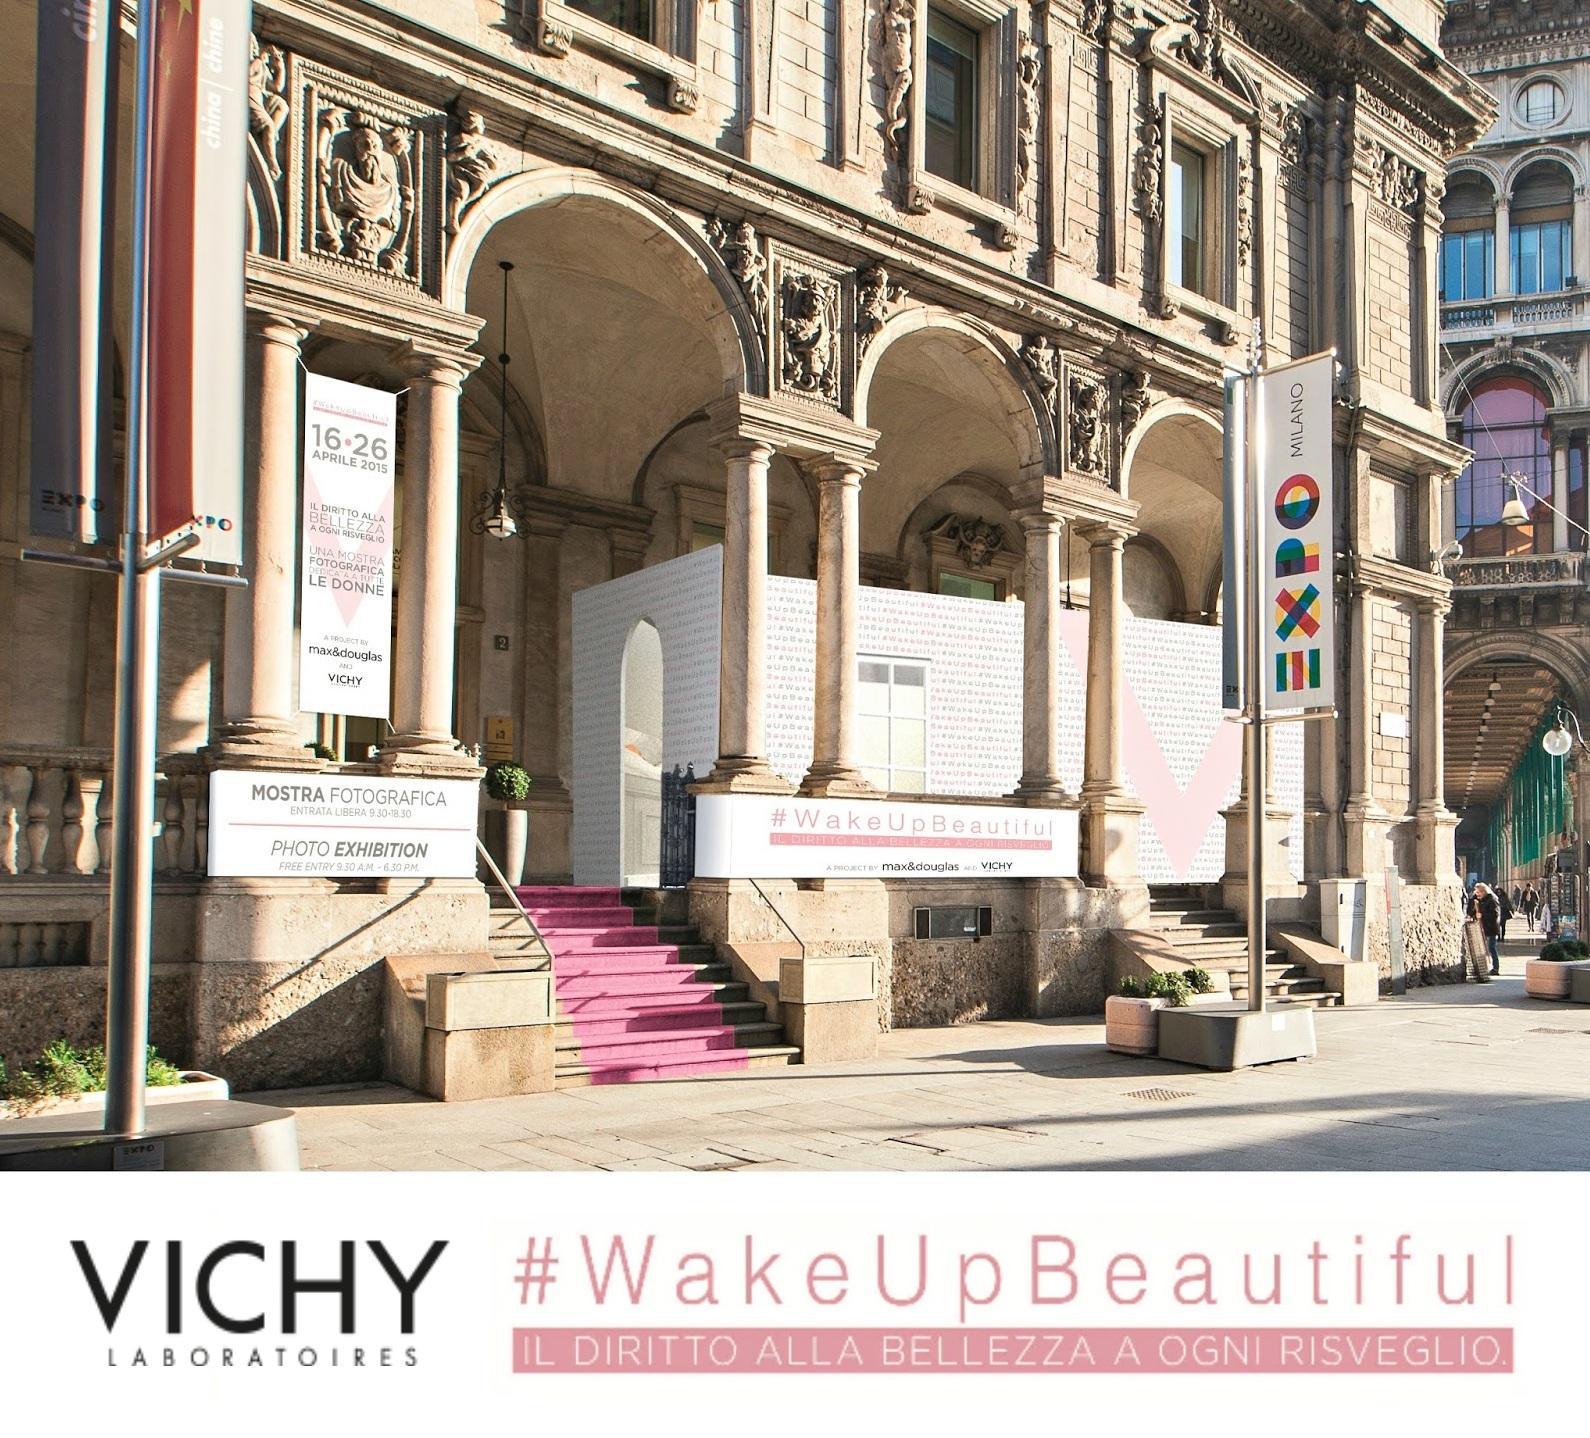 Vichy #WakeUpBeautiful